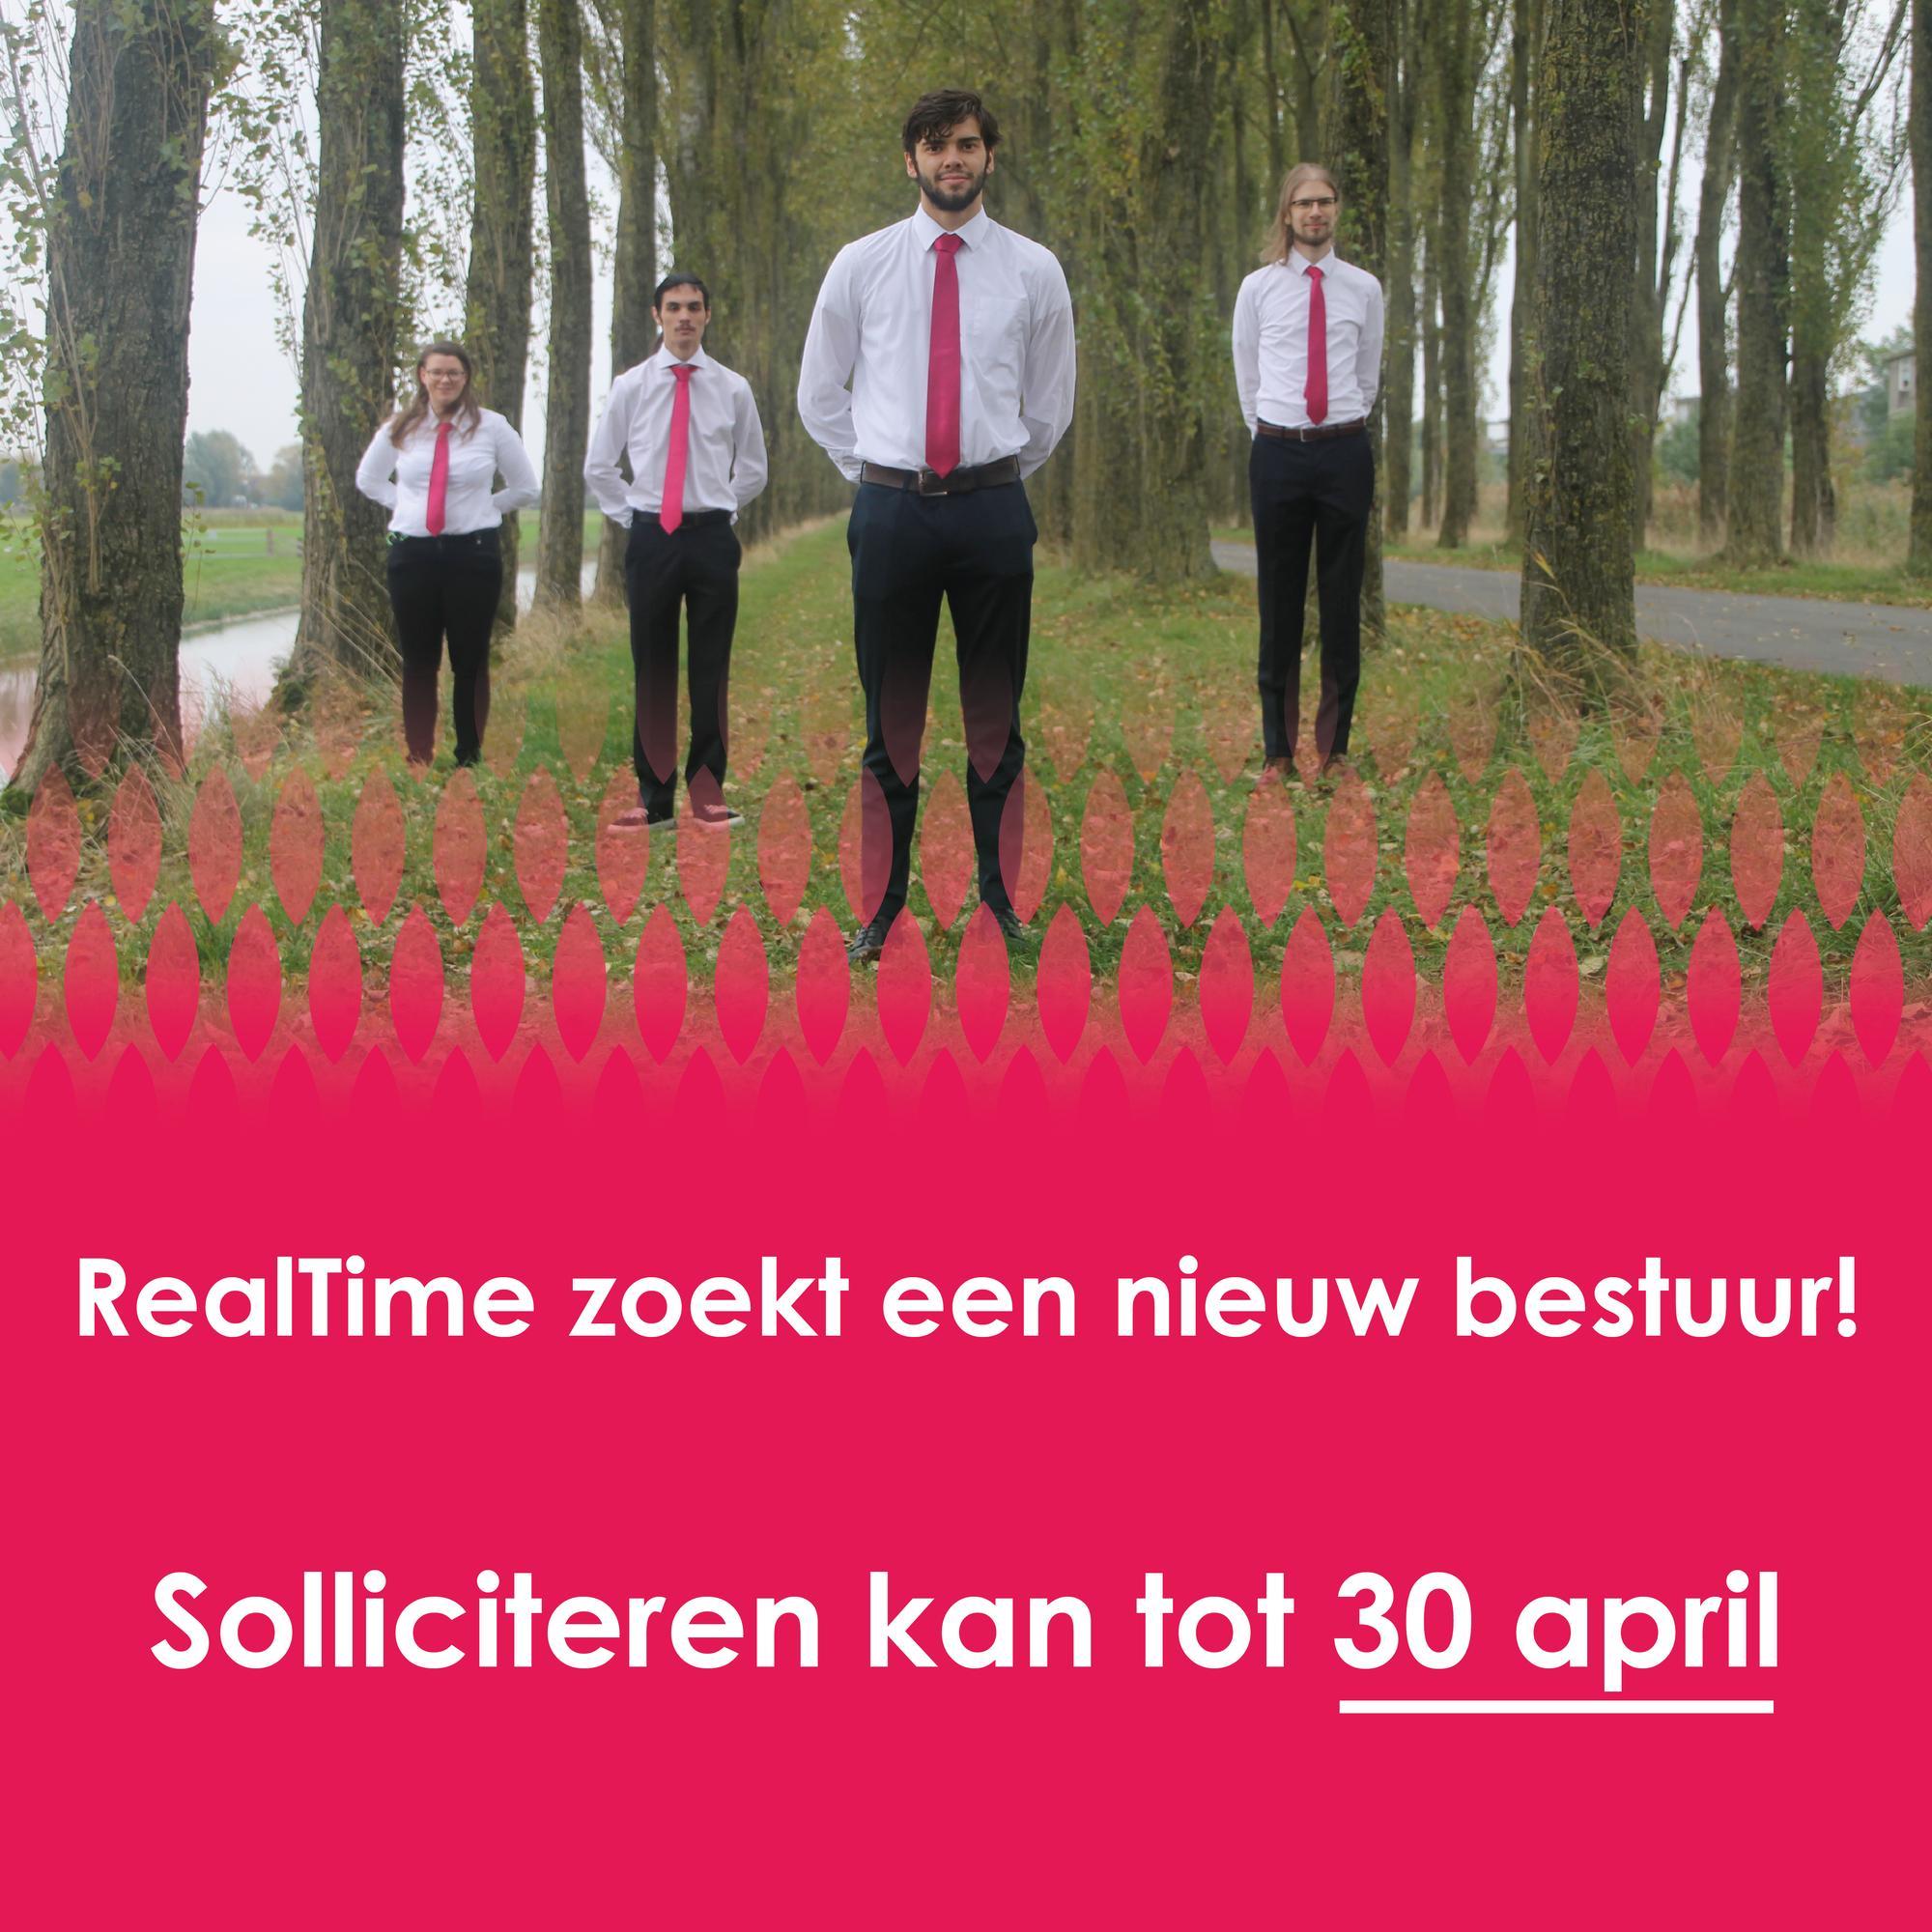 RealTime zoekt een nieuw bestuur!